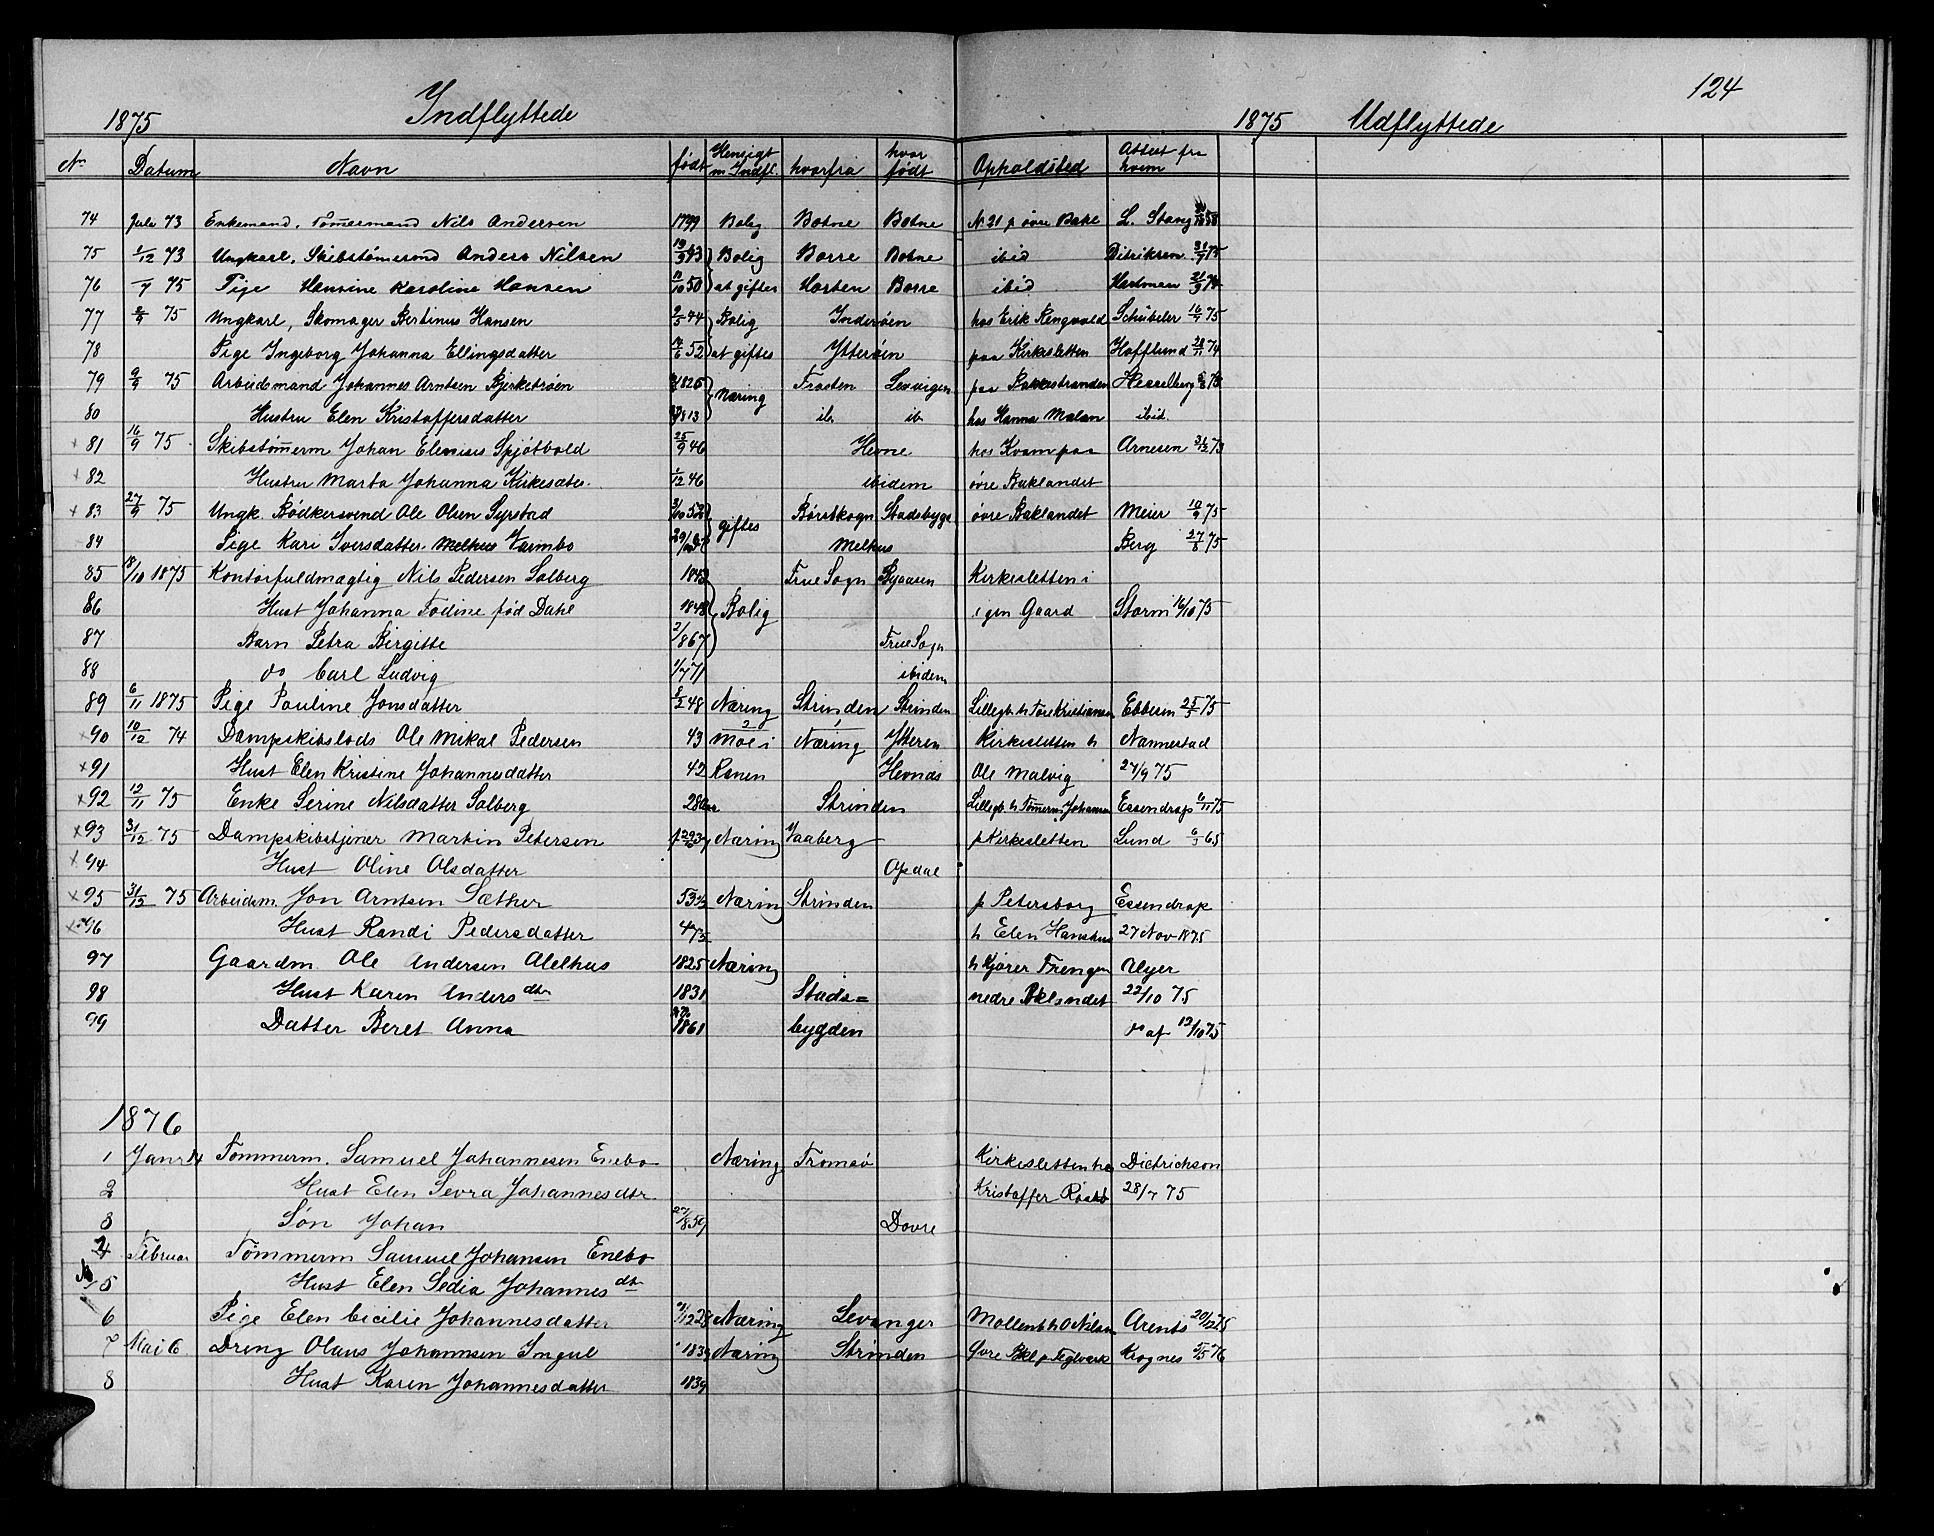 SAT, Ministerialprotokoller, klokkerbøker og fødselsregistre - Sør-Trøndelag, 604/L0221: Klokkerbok nr. 604C04, 1870-1885, s. 124